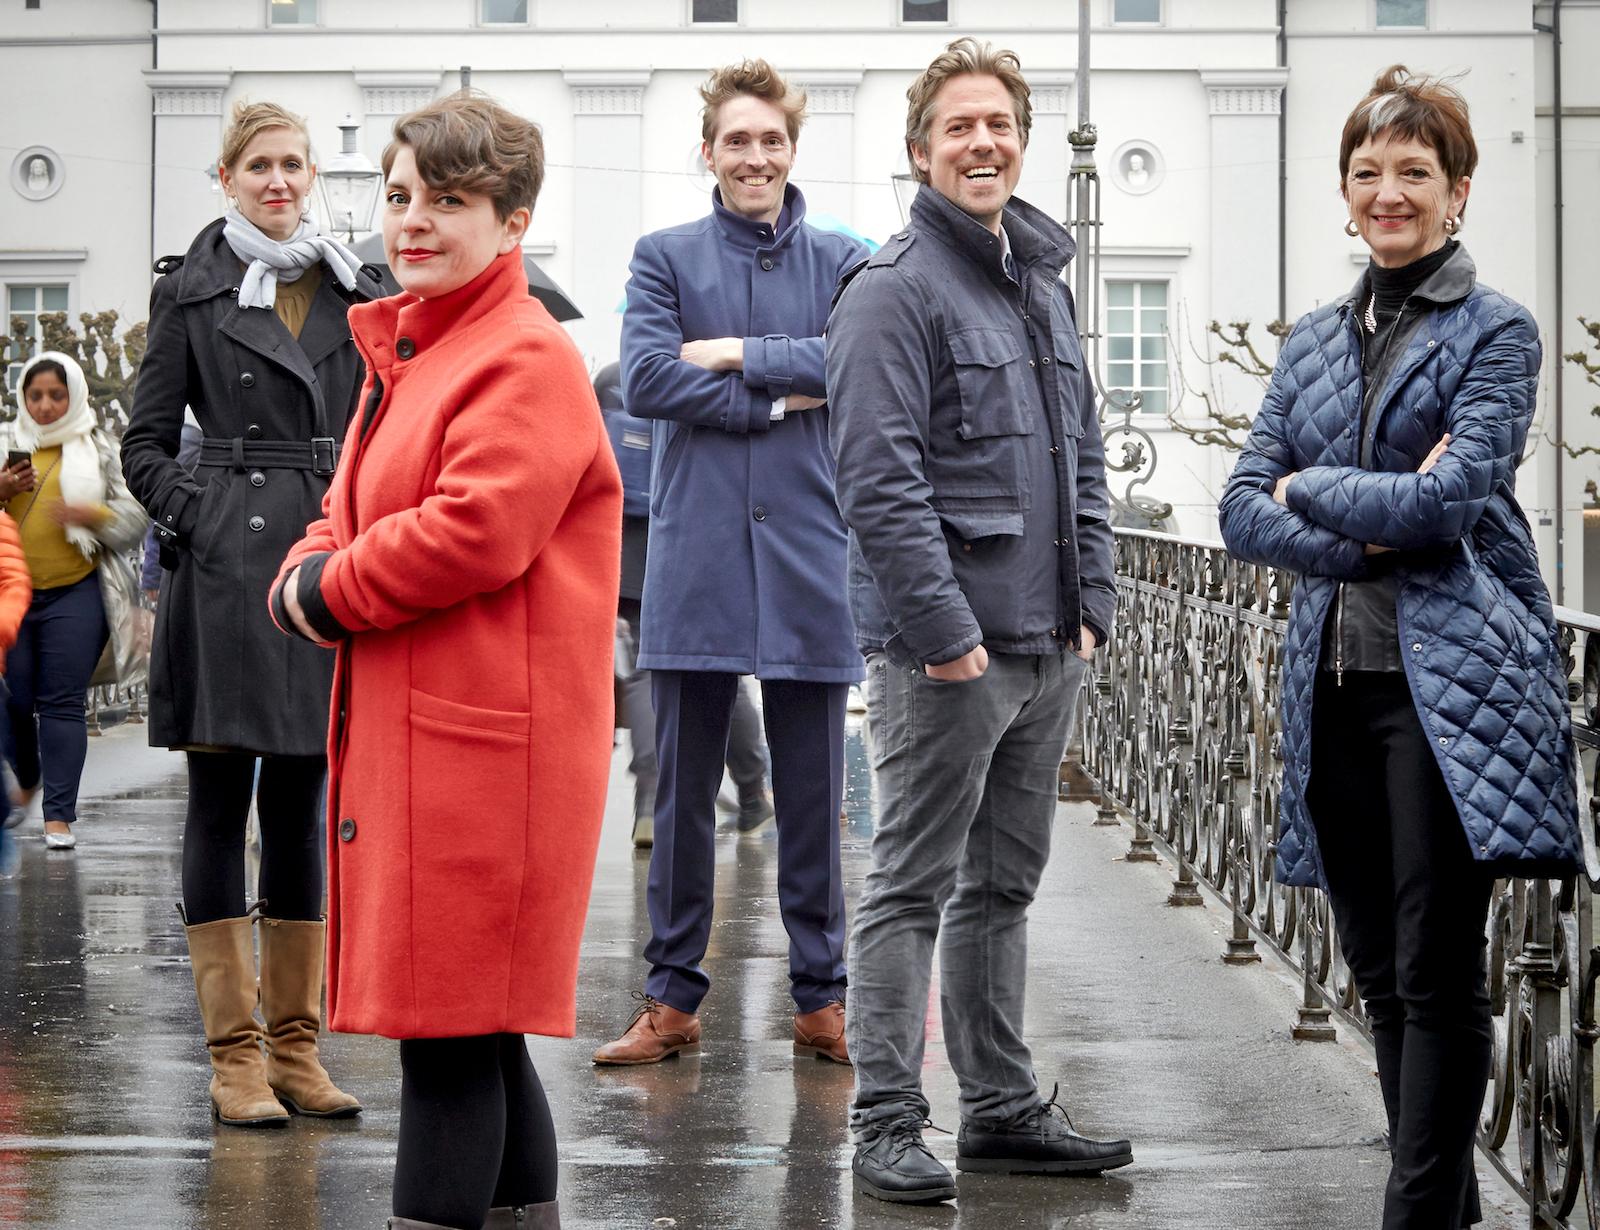 Das Leitungsteam für die neue Saison am Luzerner Theater (von links): Sandra Küpper (Schauspiel), Johanna Wall (Oper), Clemens Heil (Musik), Benedikt von Peter (Intendant) und Kathleen McNurney (Tanz).